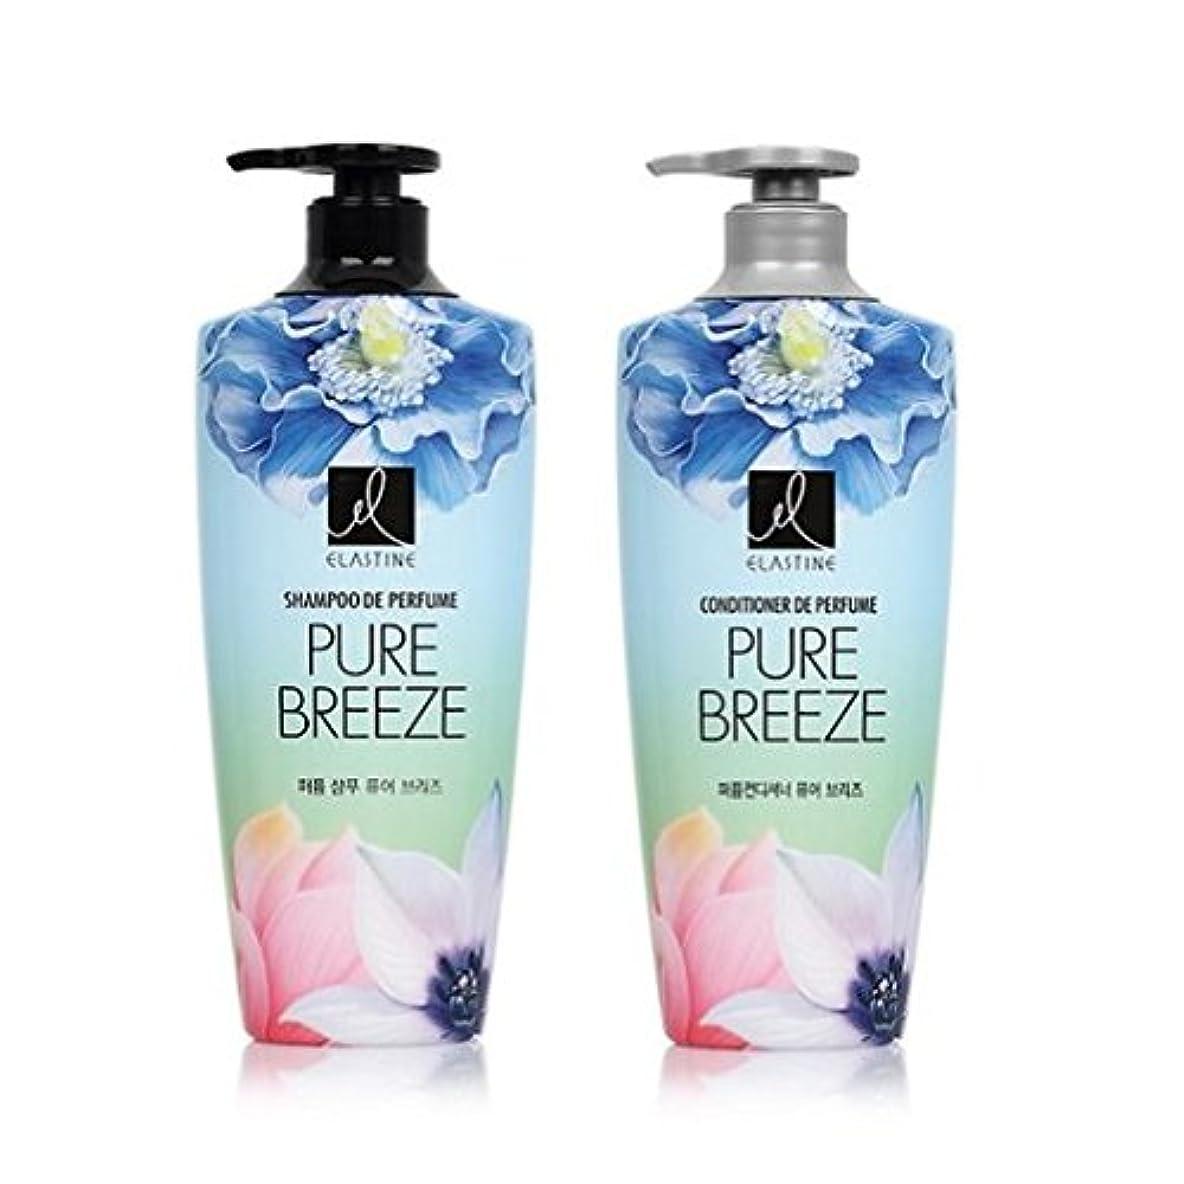 上院前にエスカレーター[エラスティン] Elastine Perfume PURE BREEZE シャンプー600ml x 2本, コンディショナー600ml x 1本 / パフュームピュアブリーズ [並行輸入品]